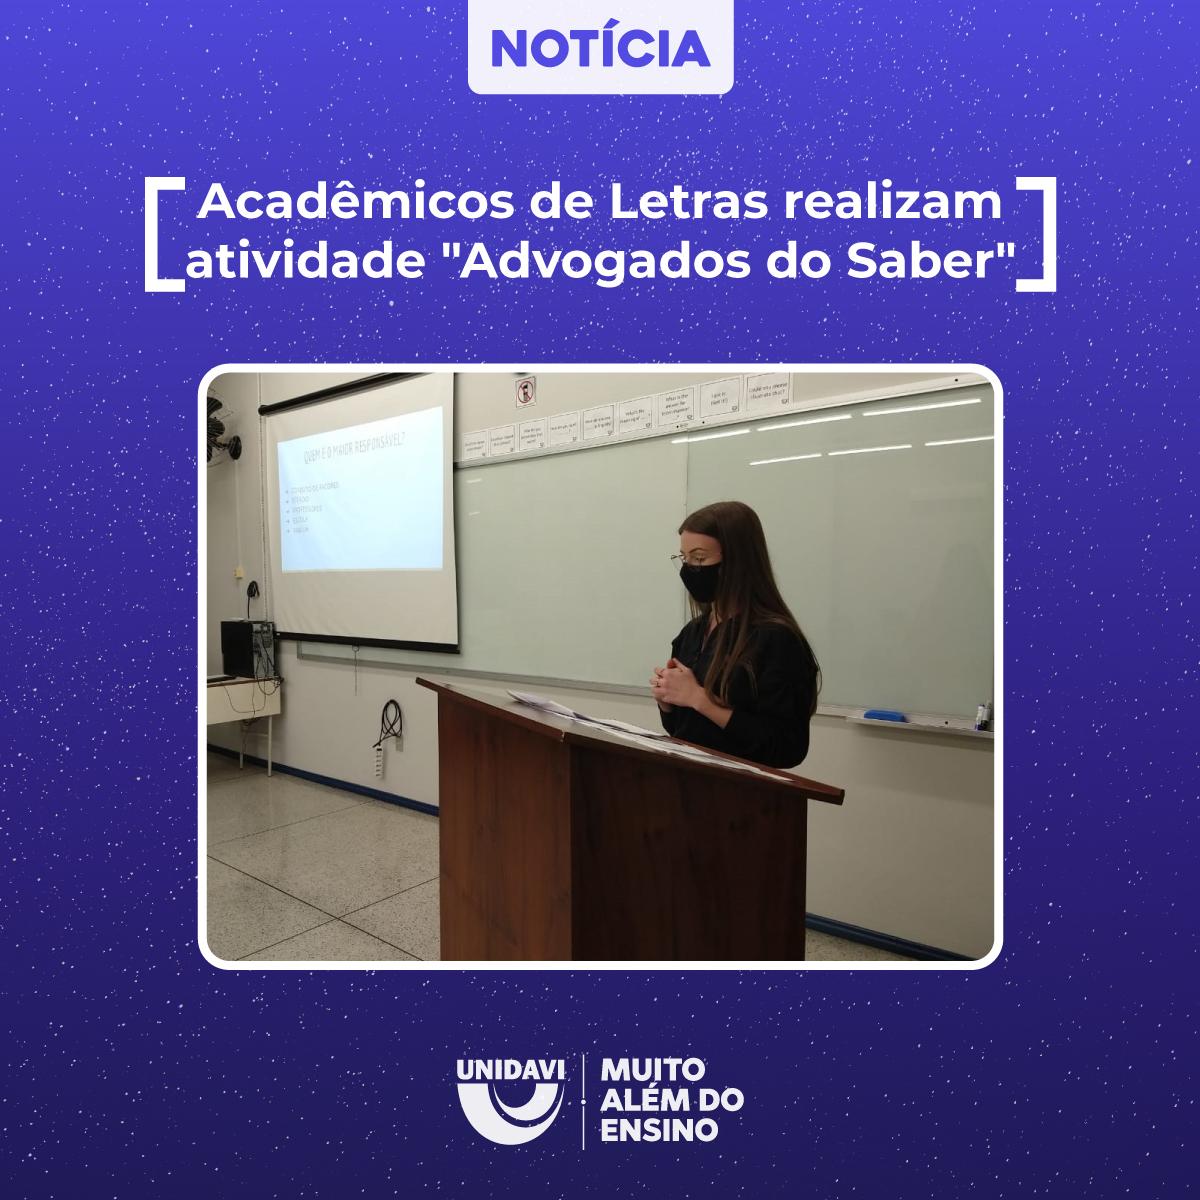 """Acadêmicos de Letras realizam atividade """"Advogados do Saber"""""""